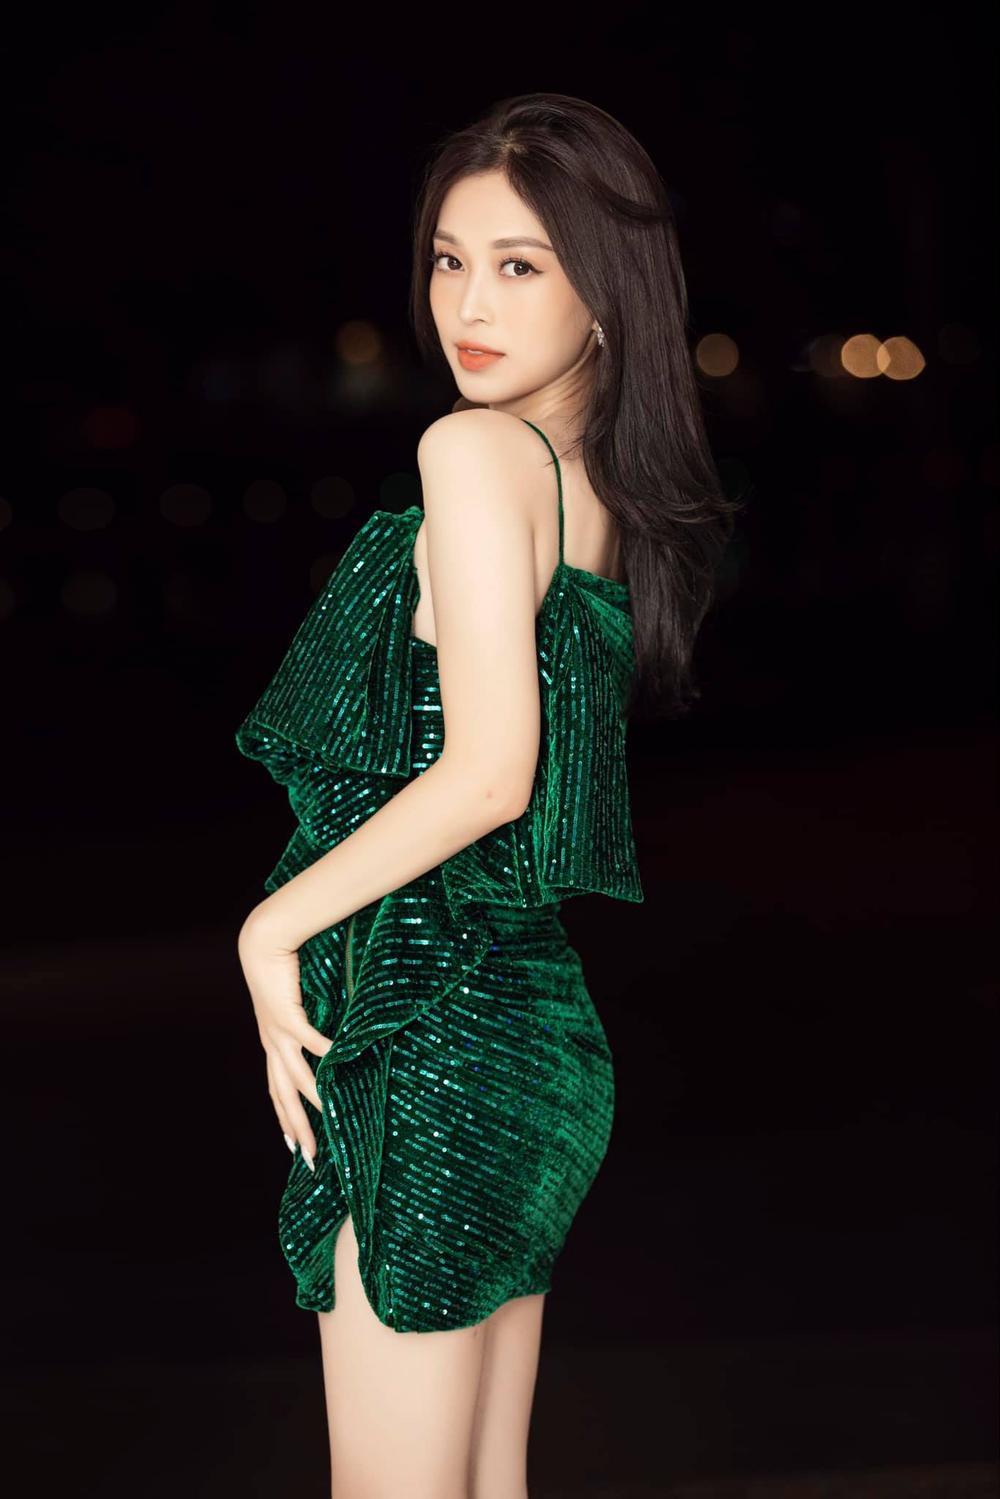 Tiểu Vy - Phương Nga - Thúy An thăng hạng nhan sắc sau 2 năm đăng quang Hoa hậu Việt Nam Ảnh 15